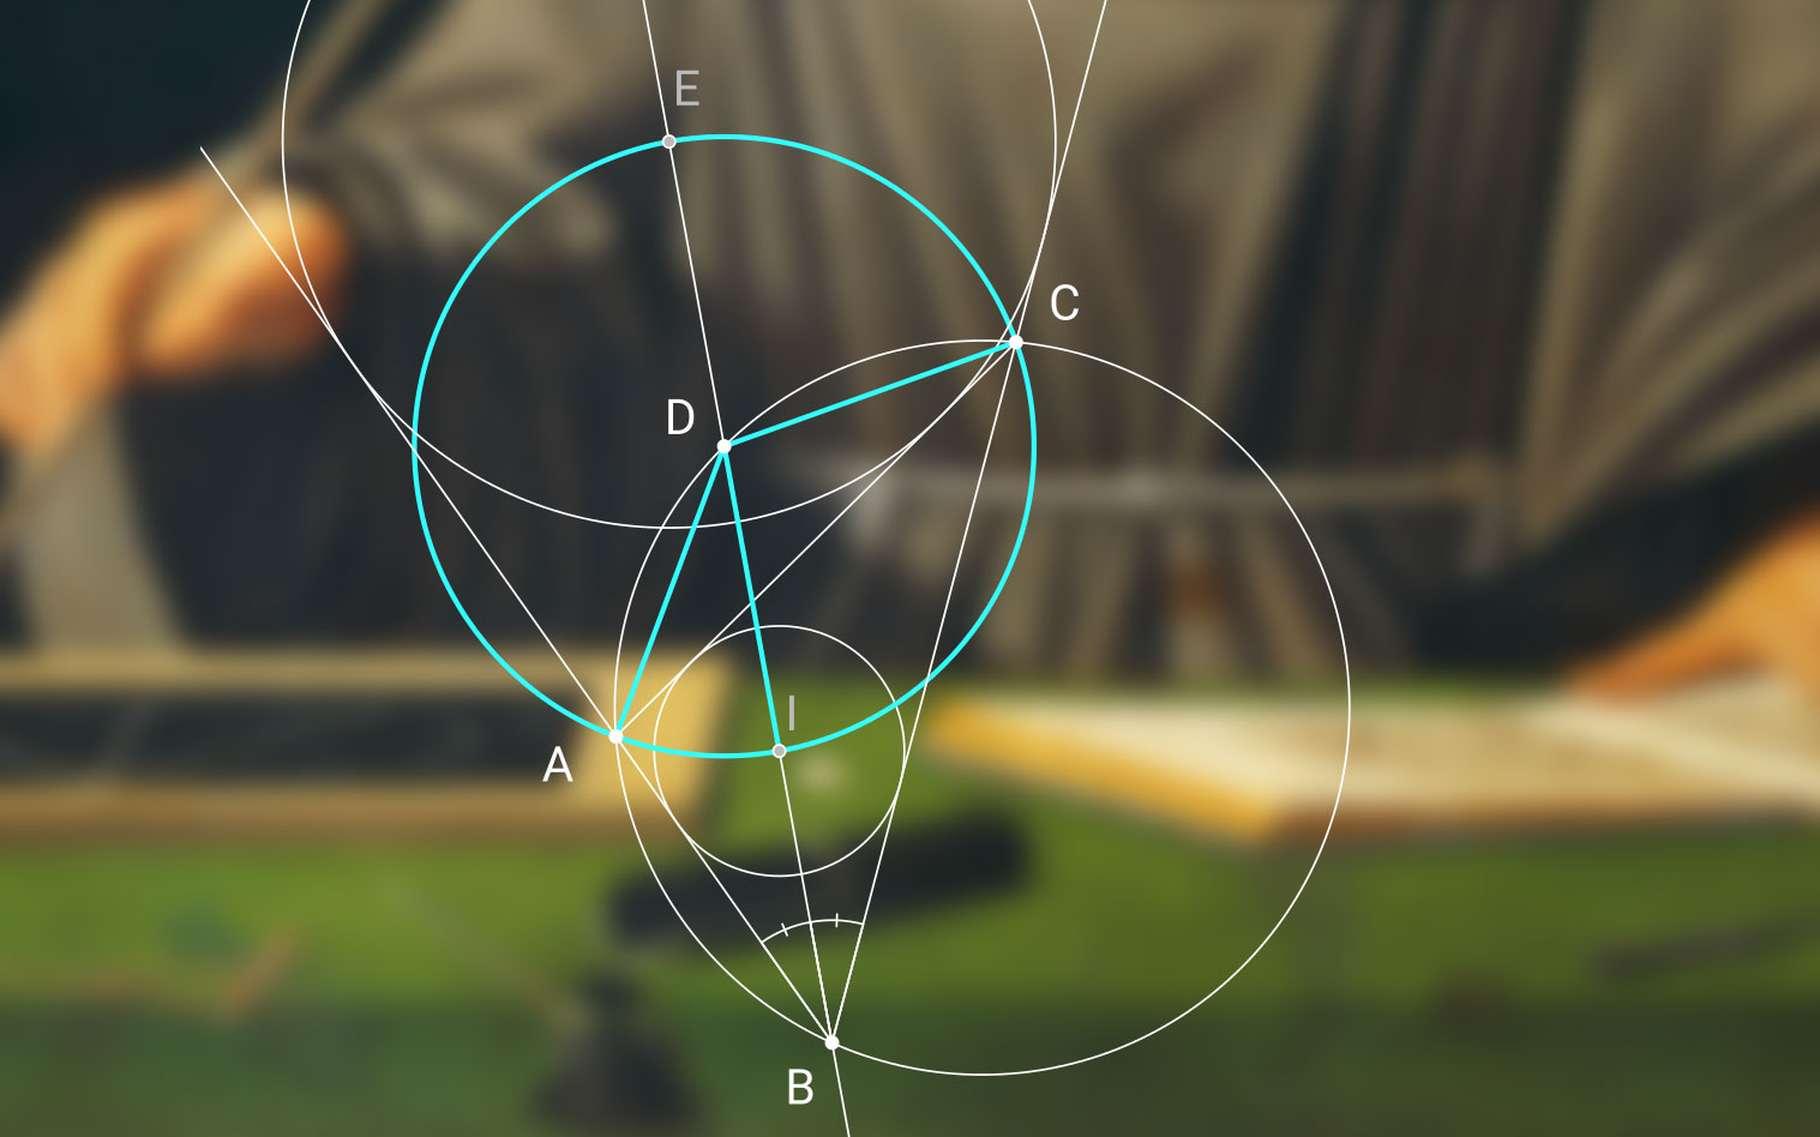 Qu'est-ce que le postulat d'Euclide ? © Kmhkmh, Wikimedia commons, CC by-sa 4.0